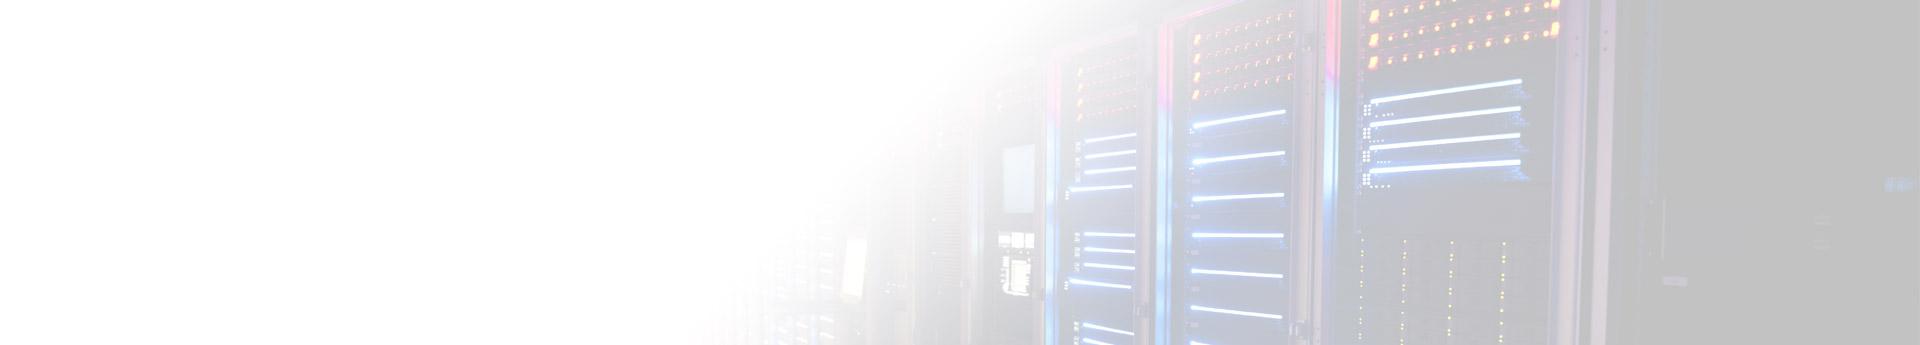 comtec-power-slide-background-energy